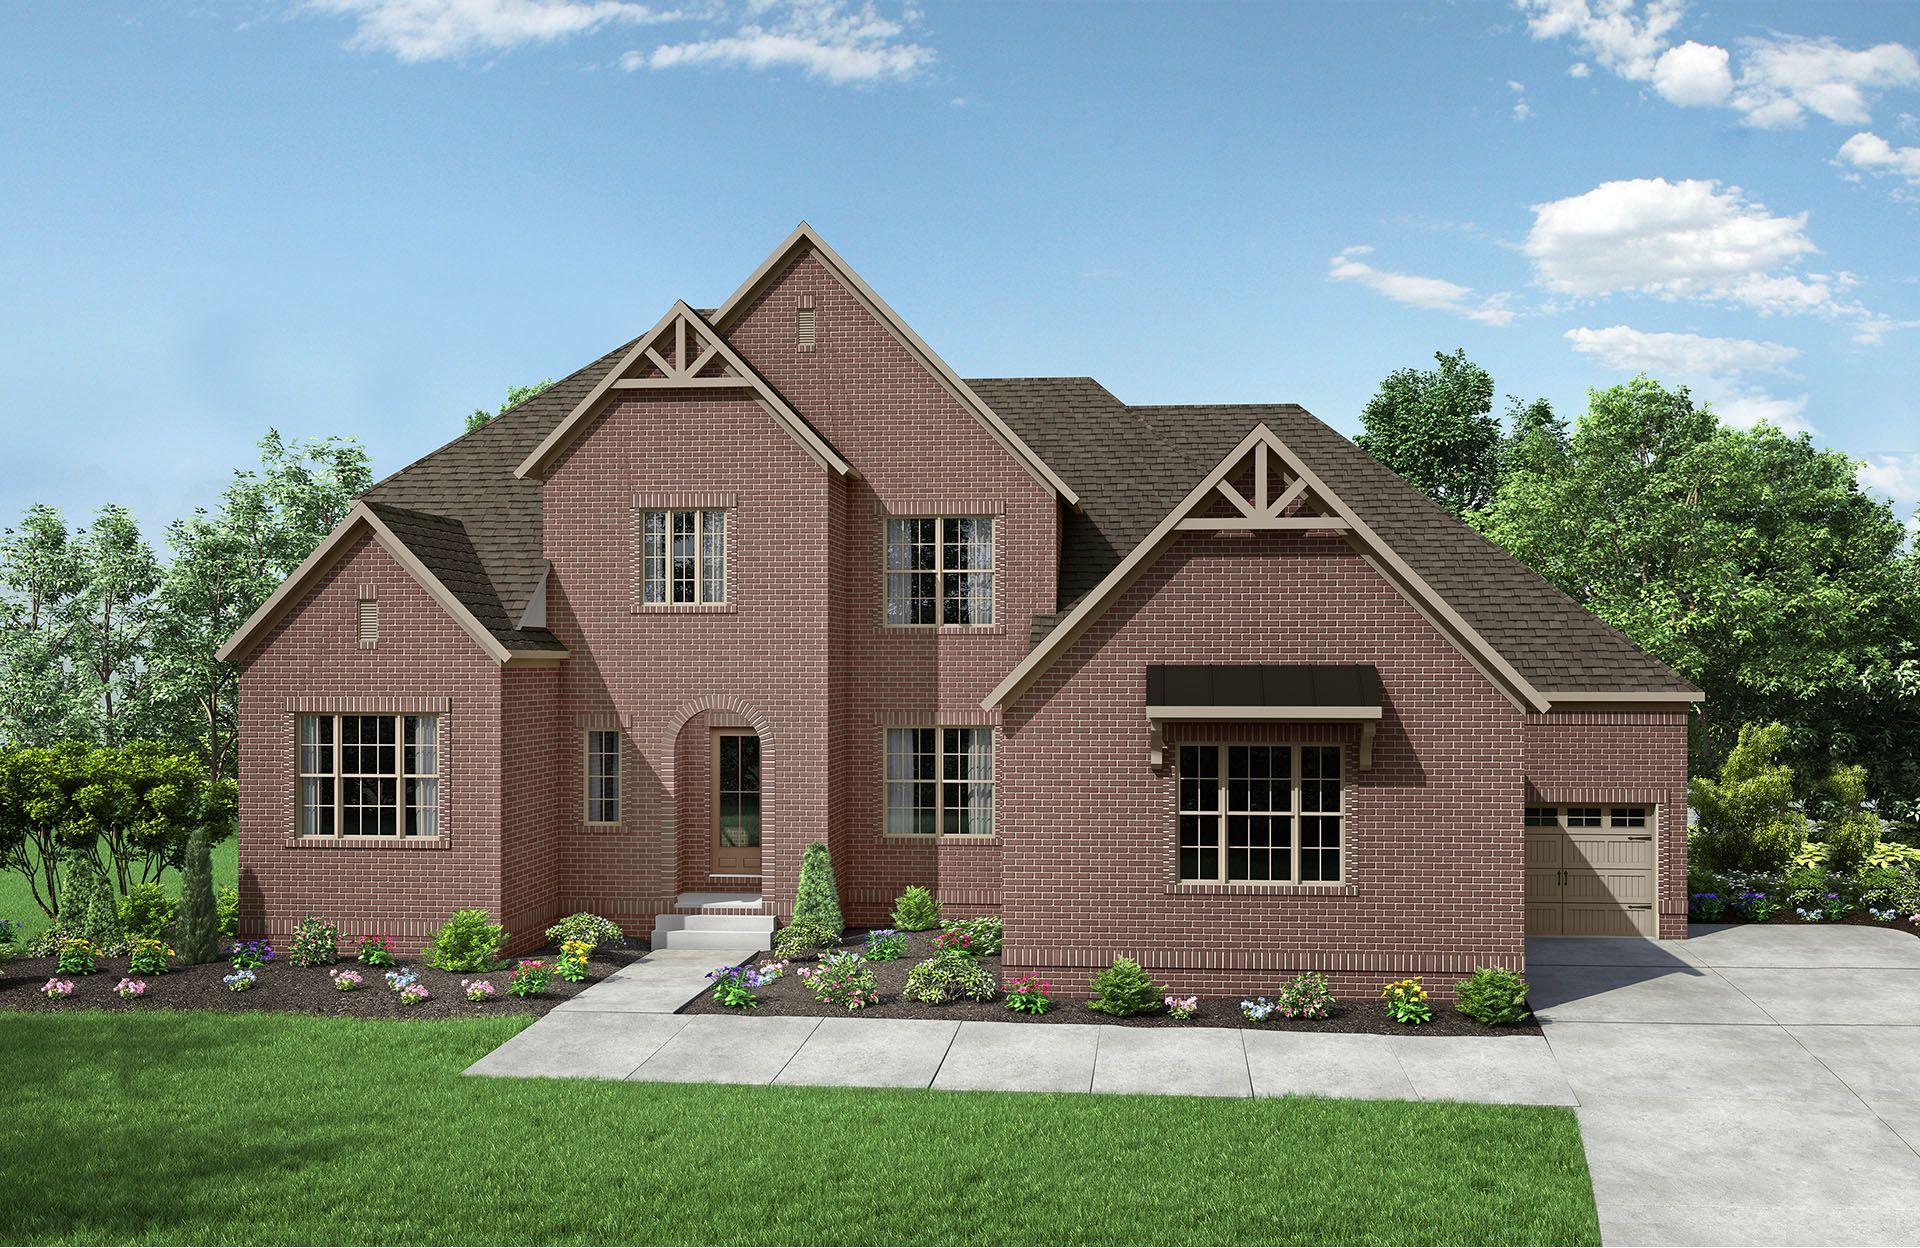 单亲家庭 为 销售 在 Asher - Morrison 108 Telfair Lane Nolensville, Tennessee 37135 United States